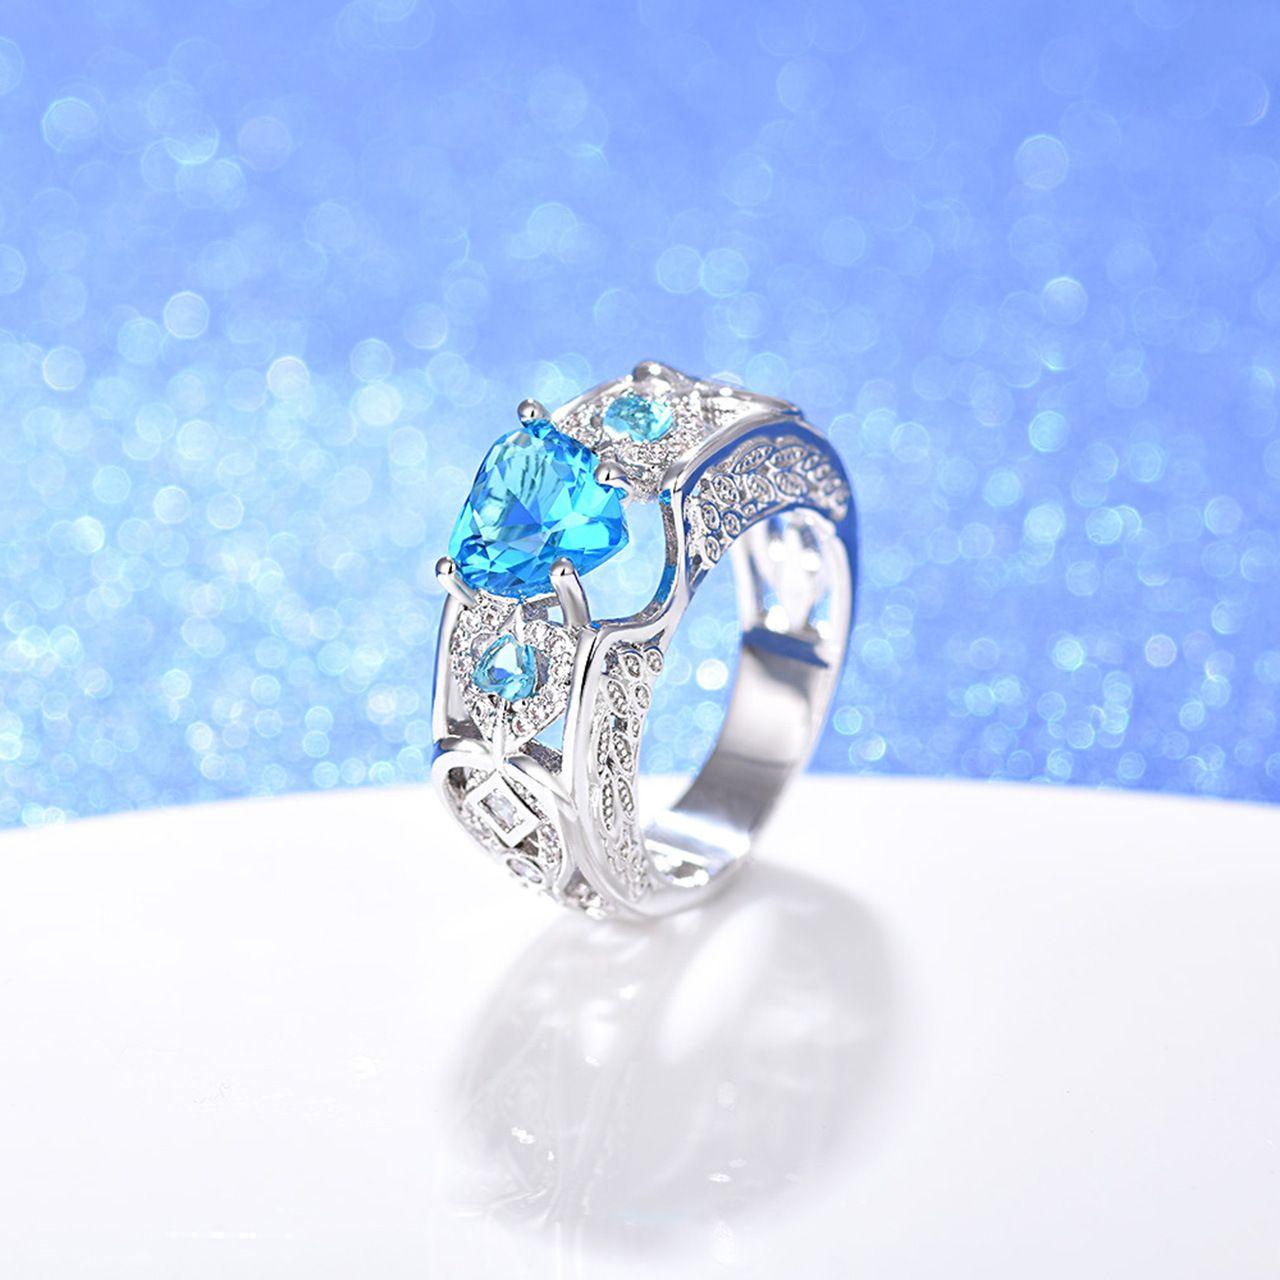 Großhandelsweißes Gold überzogenes Herz formte Zircon-Verlobung / Hochzeits-Finger-Ring-Art- und WeiseValentinstaggeschenk-Schmucksachen für Frauen-Mischungs-Farbe